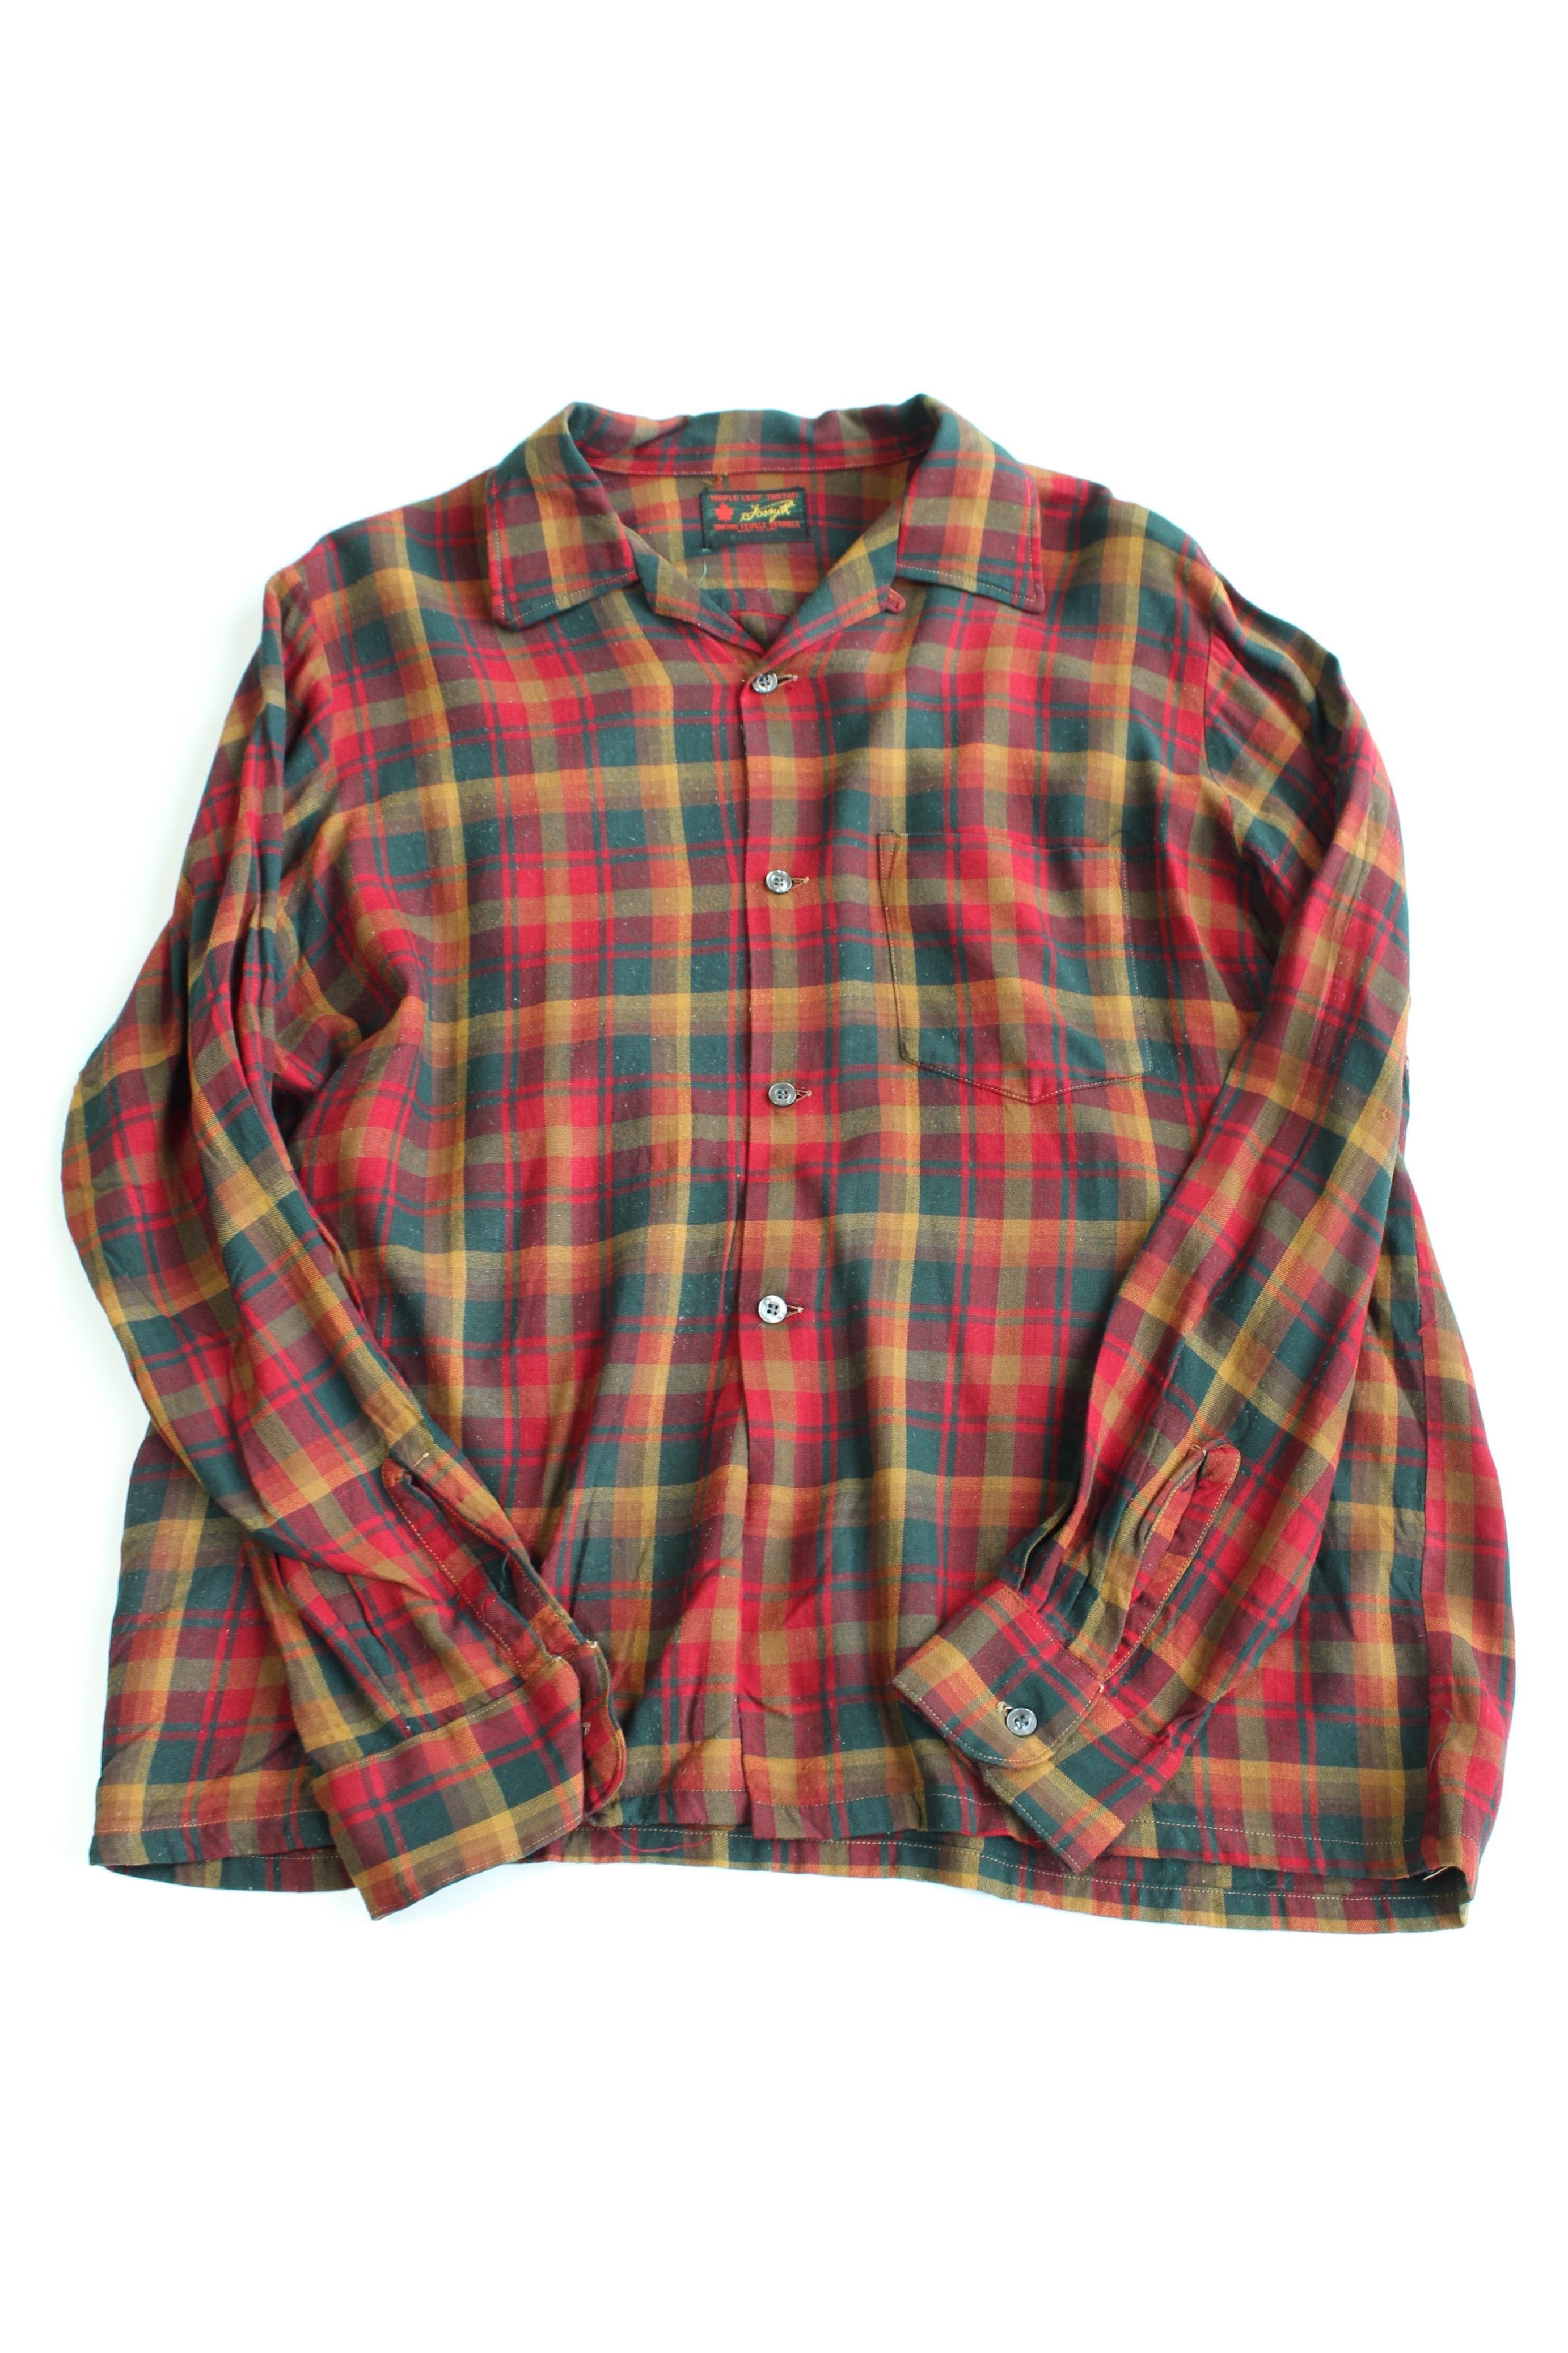 秋物シャツ特集!第三弾は、ブロックチェック風のレーヨンチェックシャツです。